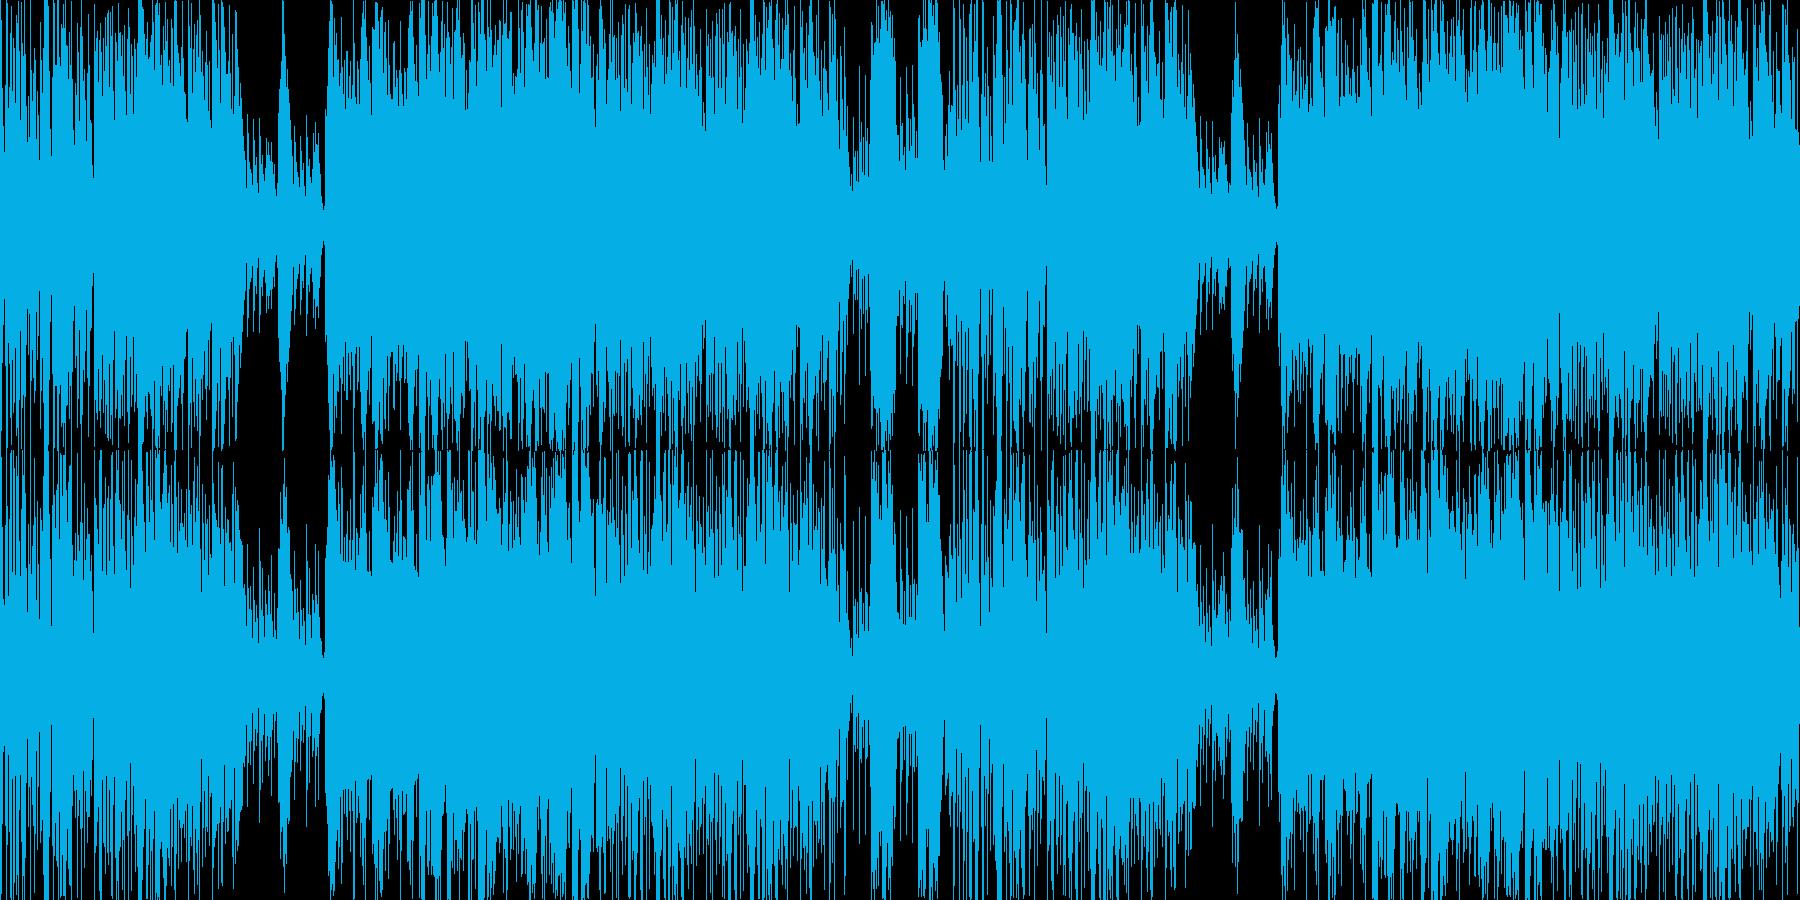 琴和太鼓ポップで和風楽曲ループ企業VPの再生済みの波形